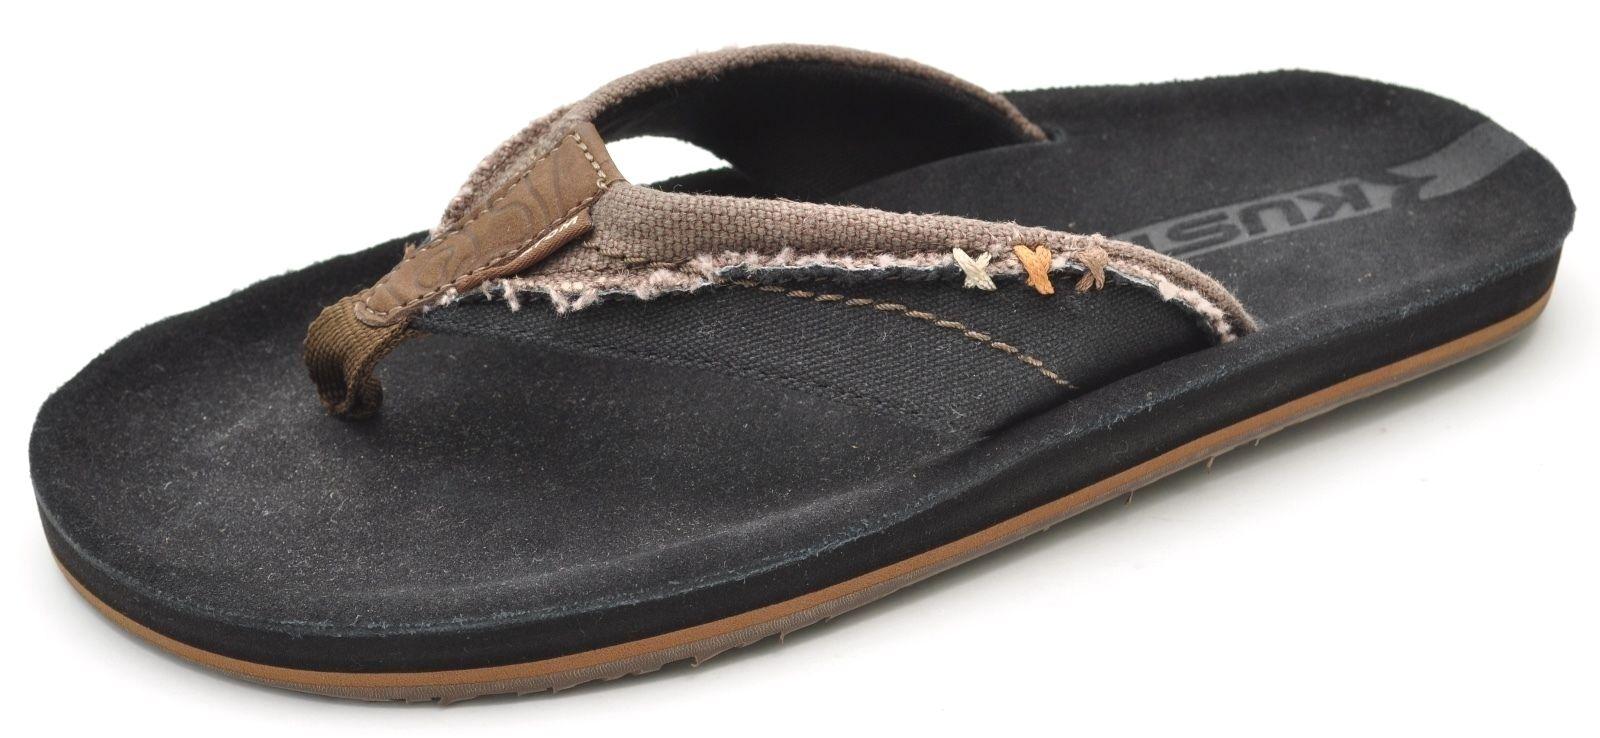 296c957ae2b7 Kustom Black Beach Thongs Flip-Flops Flip-Flops Flip-Flops Sandals Men s 8  - NEW b71f99